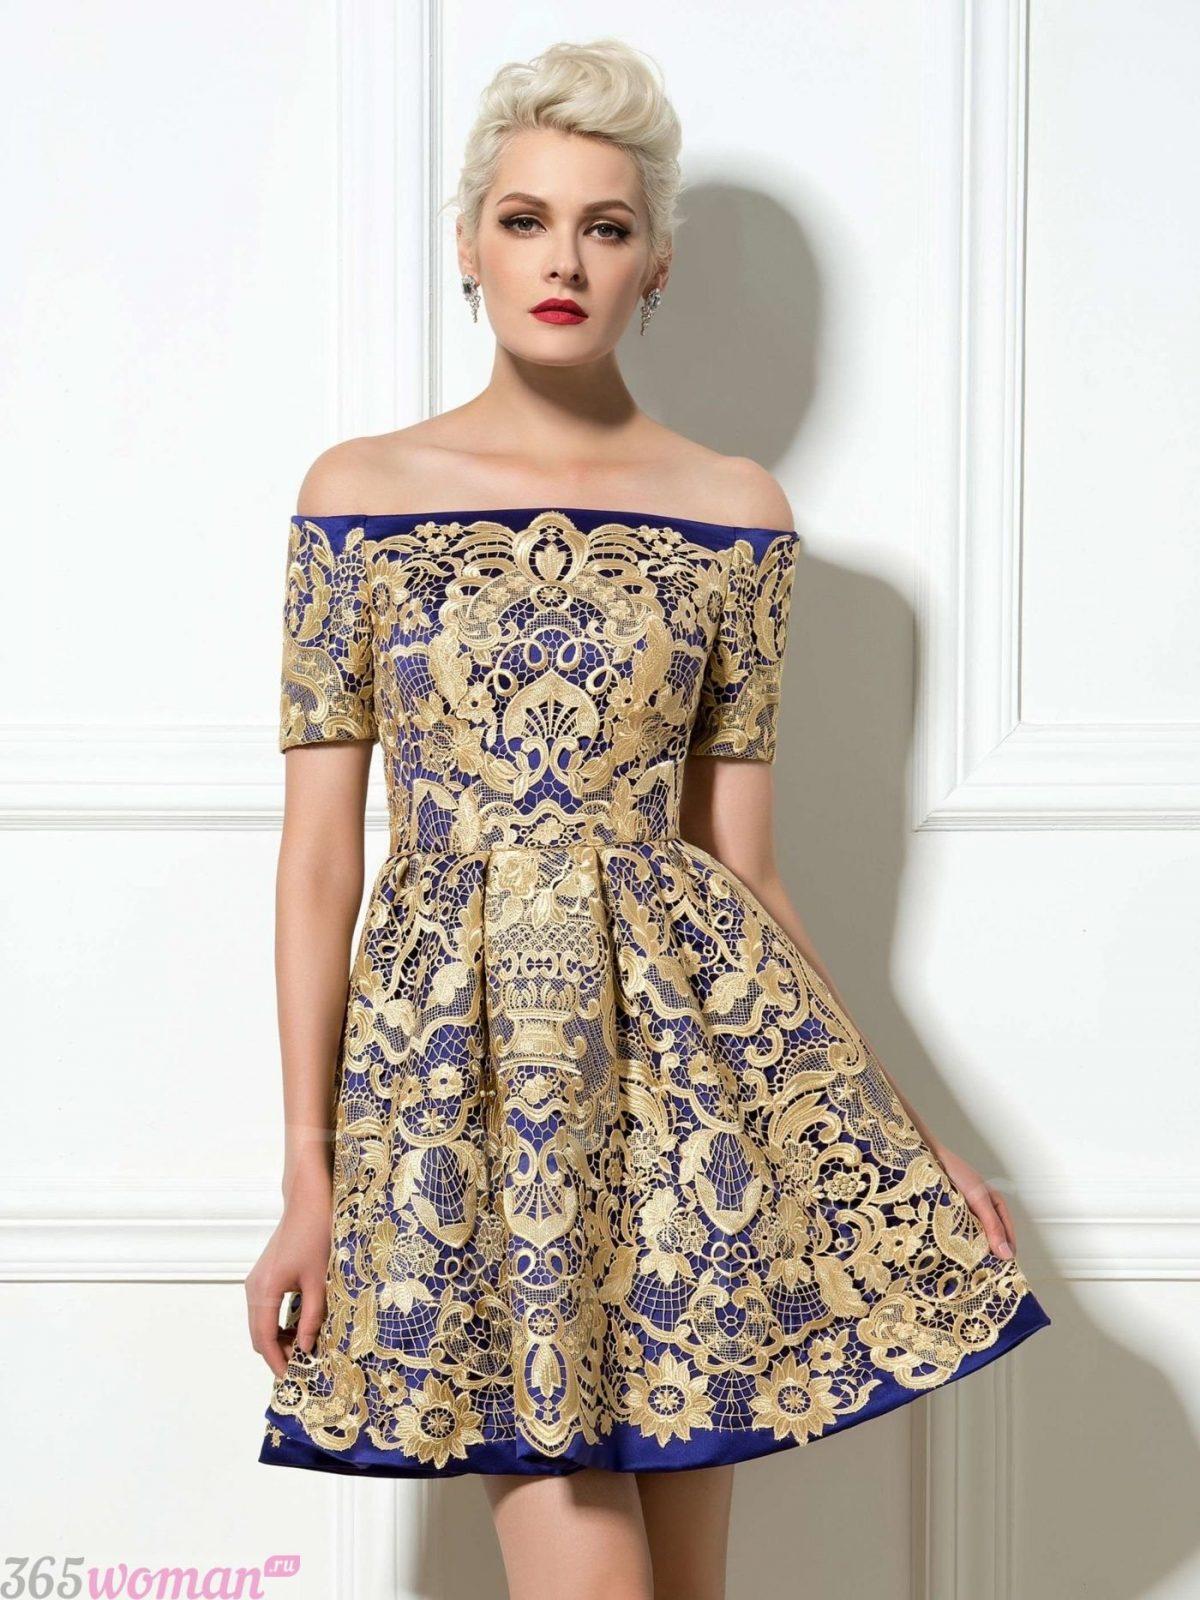 что надеть на день святого валентина 2019: синее платье с золотистым кружевом и открытыми плечами